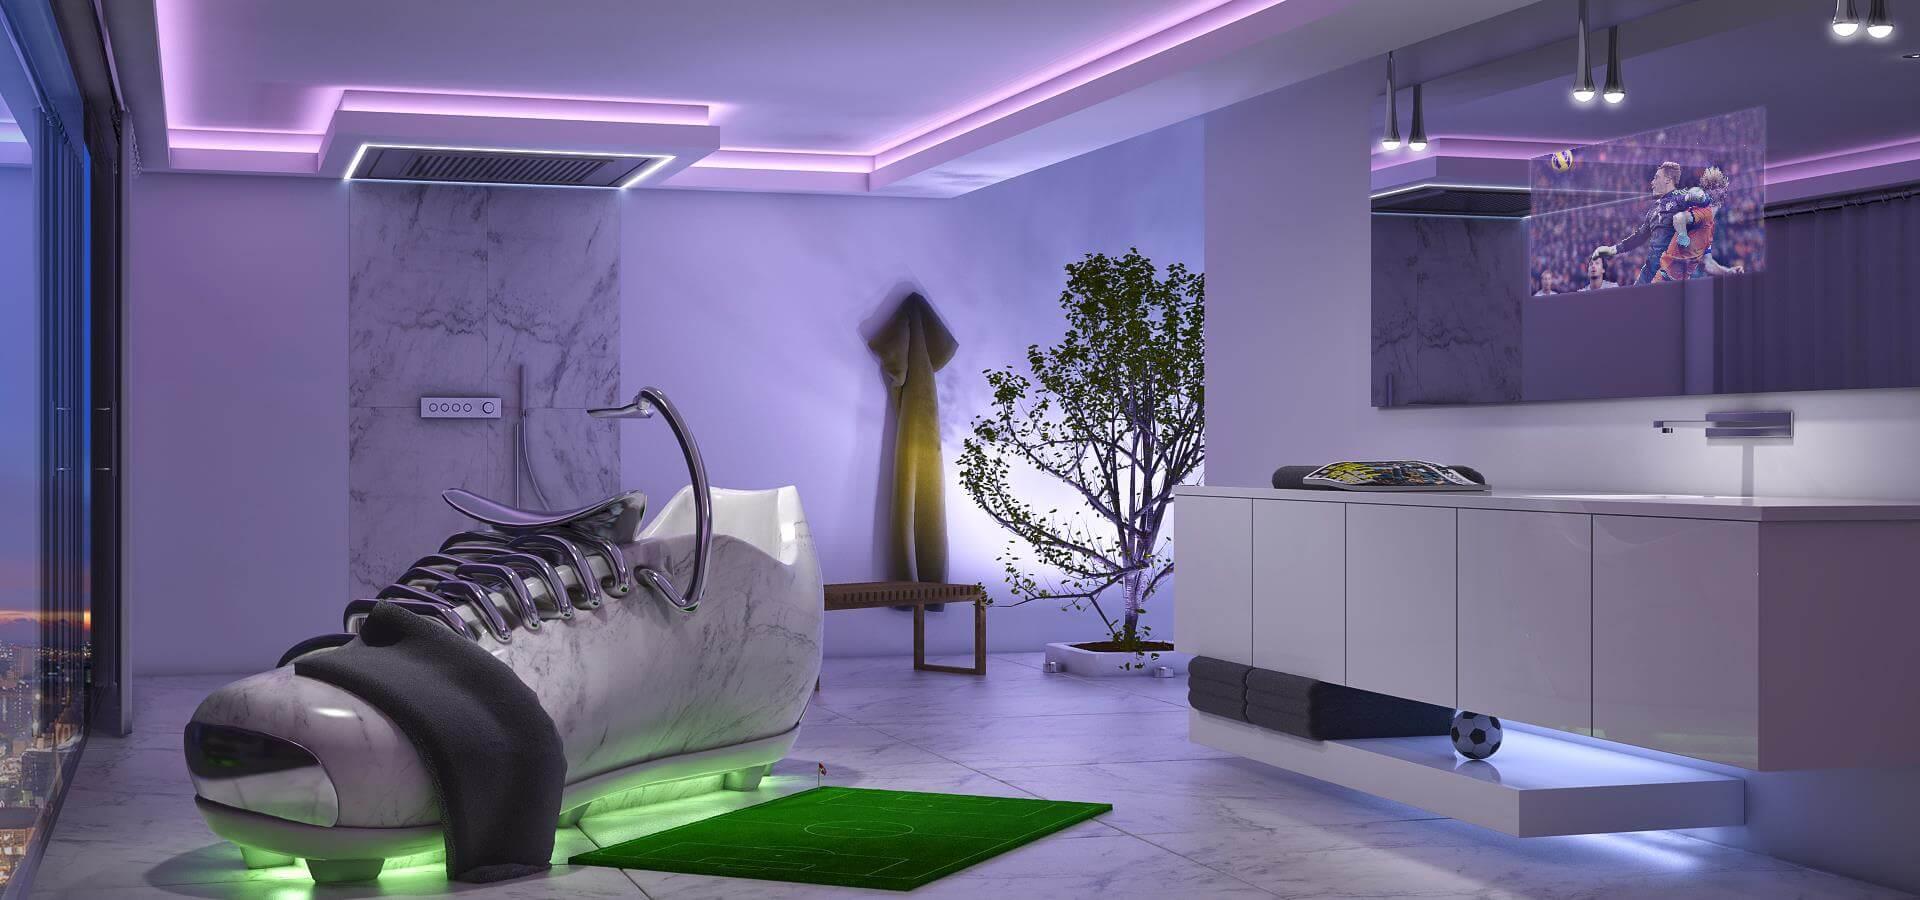 Lichtdesigner Torsten Müller bringt Magie in Ihren Raum für alle Sinne